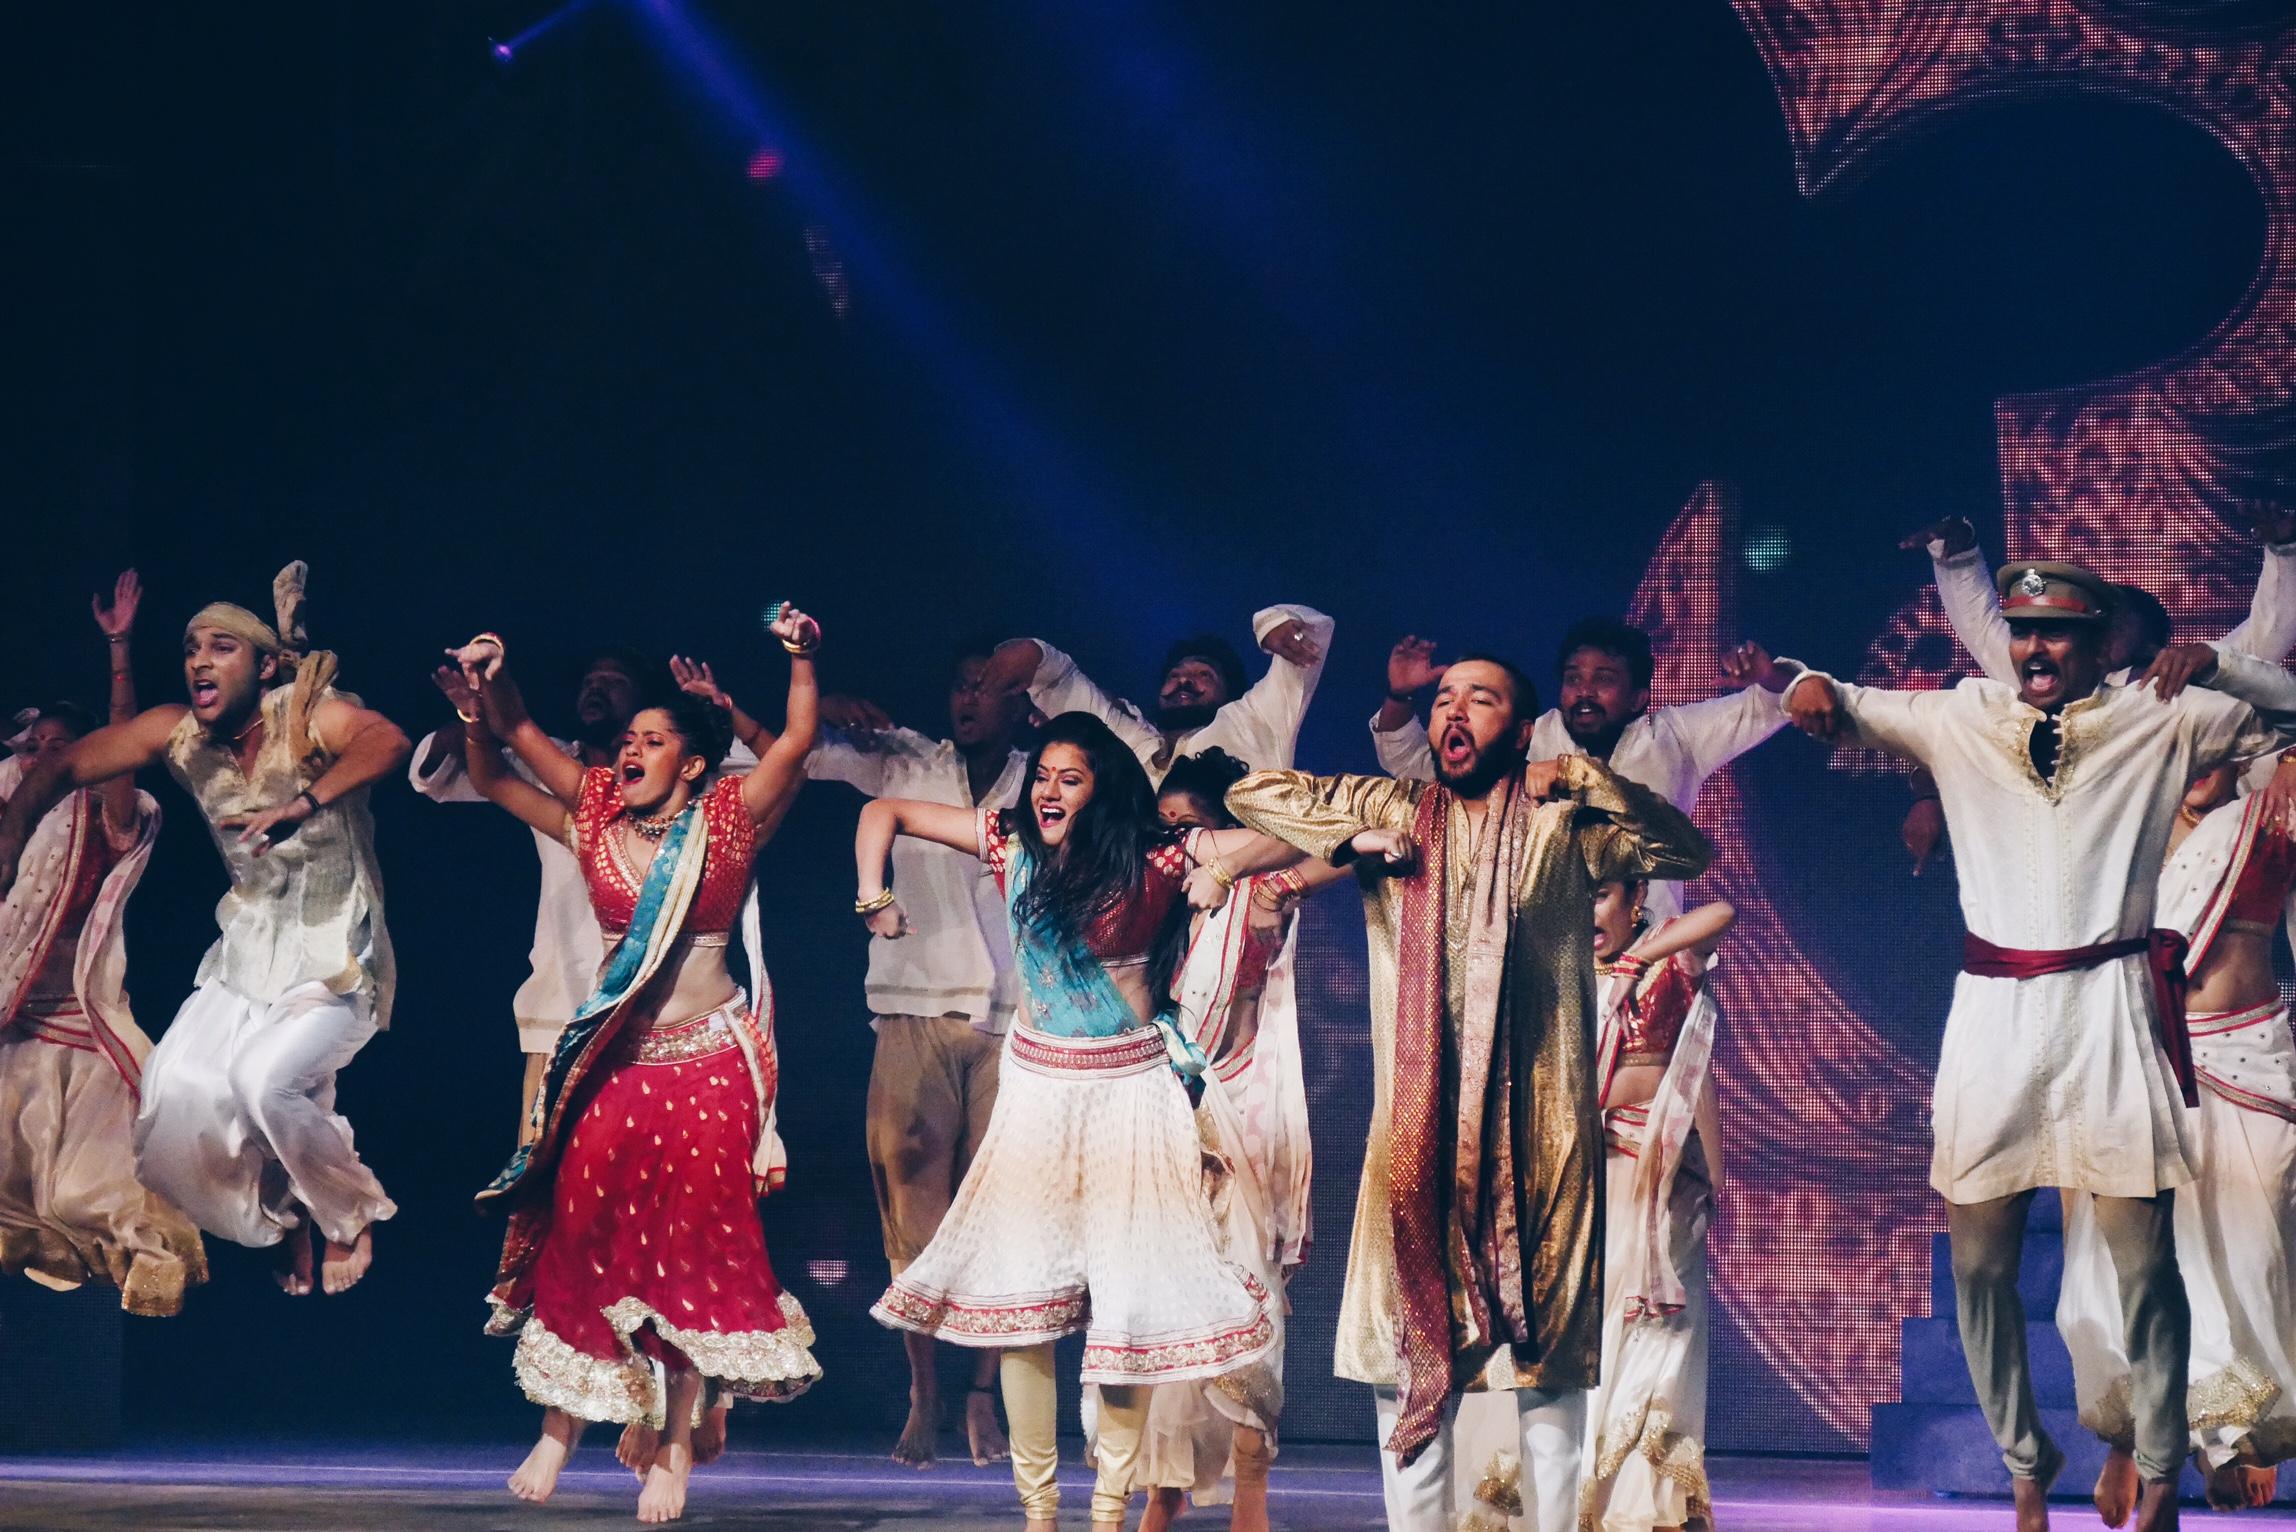 Bharati-2-show-spectacle-dans-le-palais-des-illusions-grand-rex-paris-photo-usofparis-blog